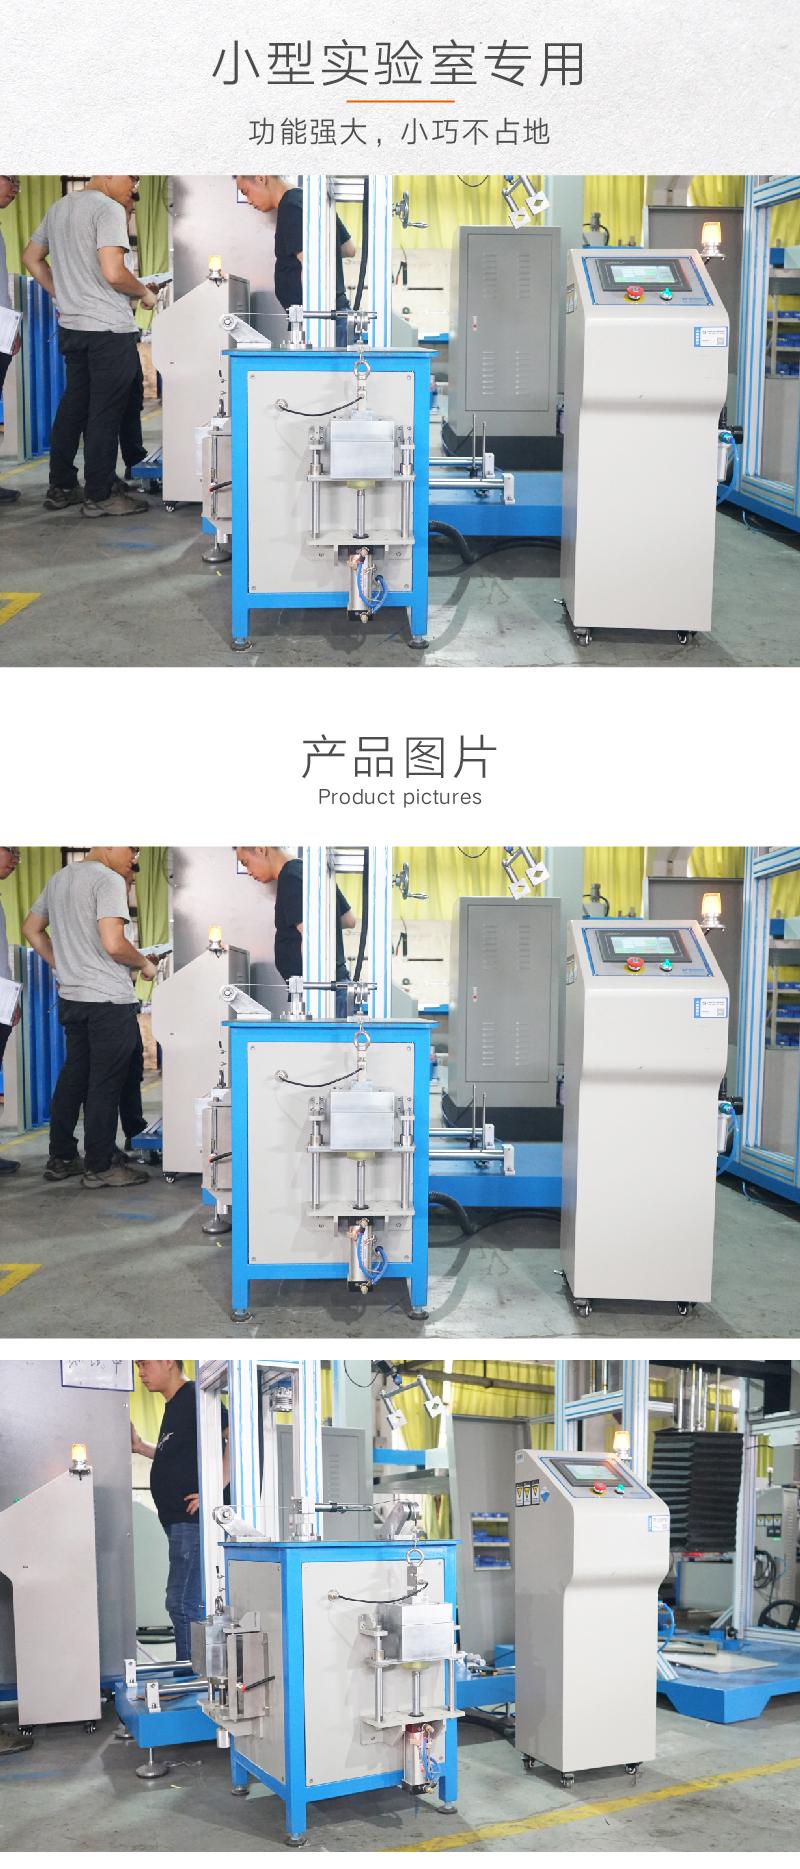 HD-F234-A滑板车刹车把手试验机 (4).jpg